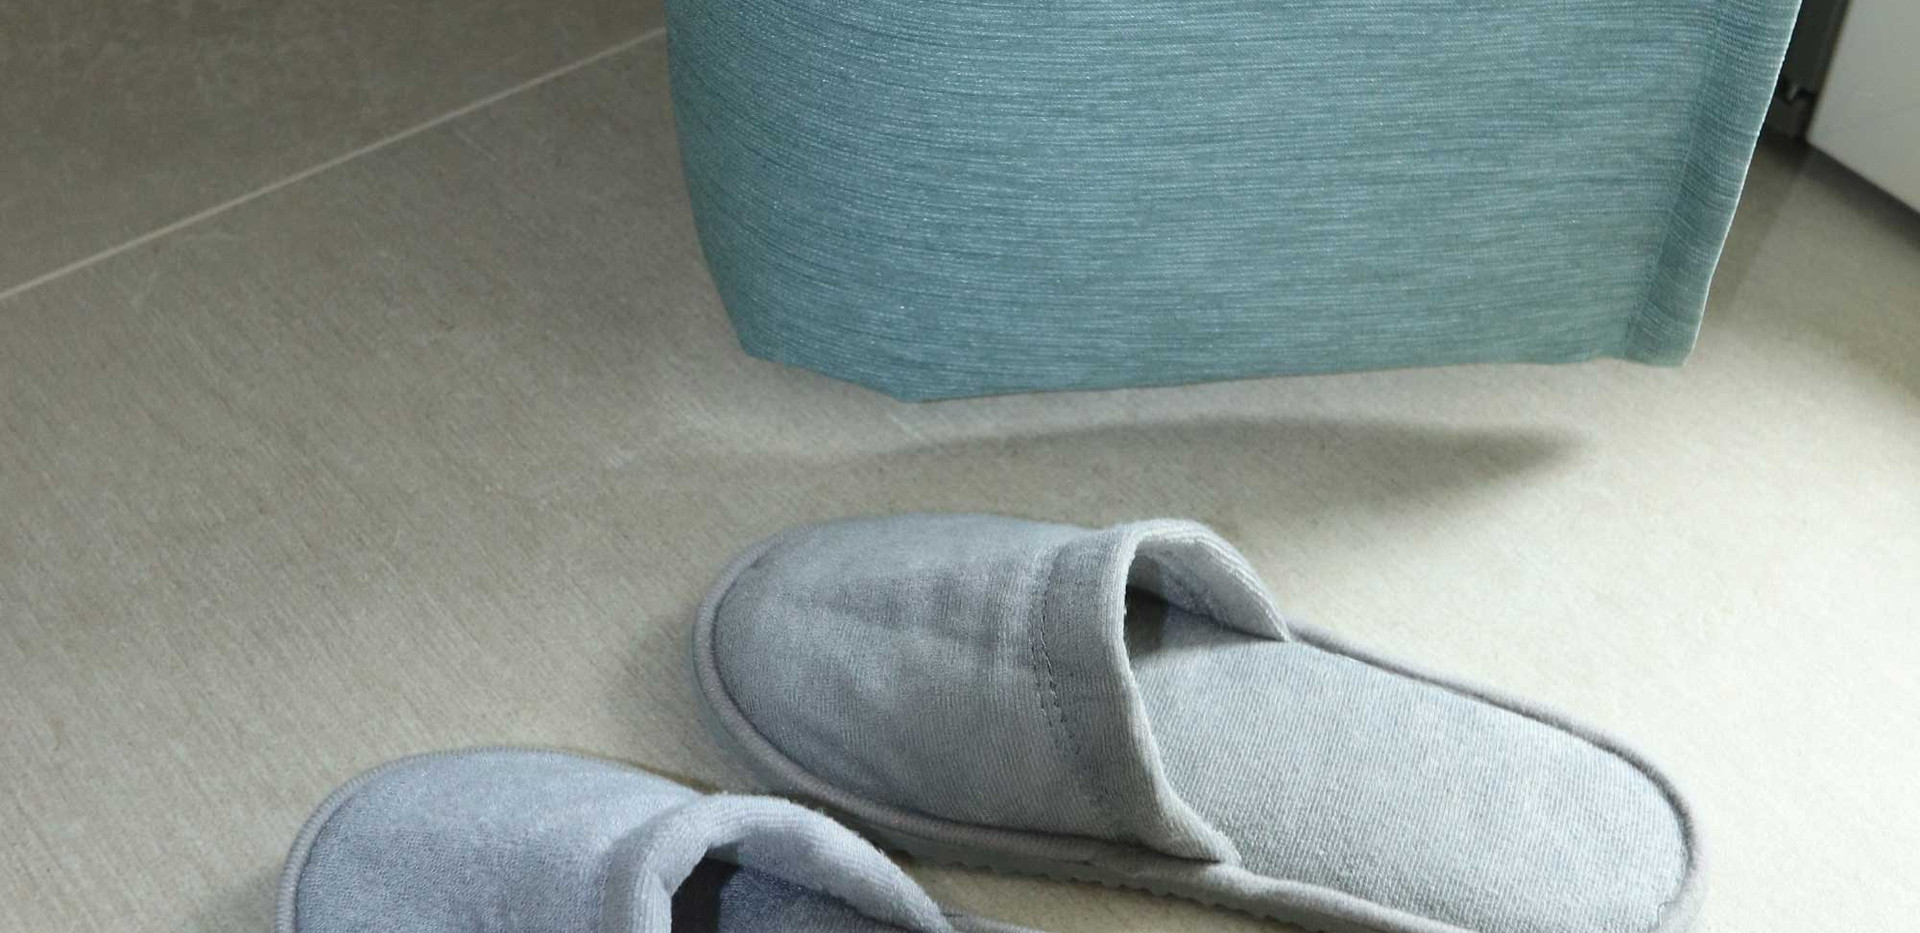 Profumo_di_casa_appartamento_loto_pantofole